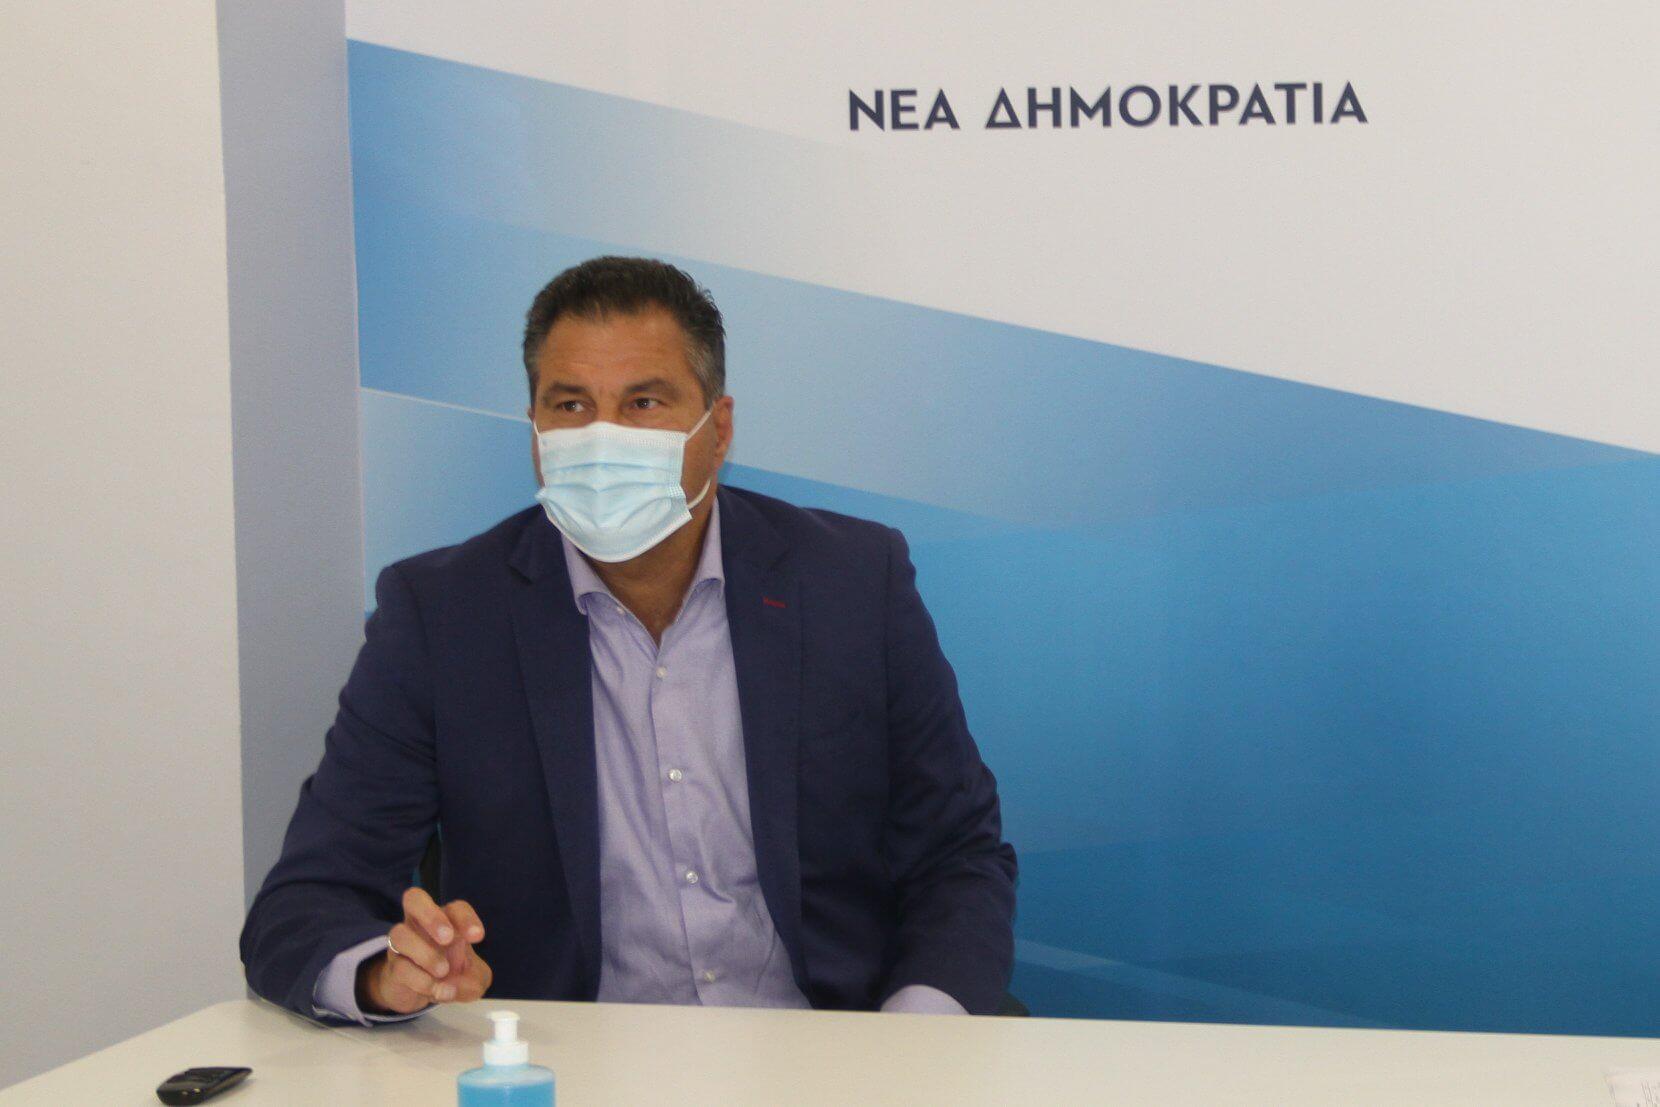 Γιώργος Στεργίου: Η Ελλάδα δείχνει τον δρόμο στην Ευρώπη